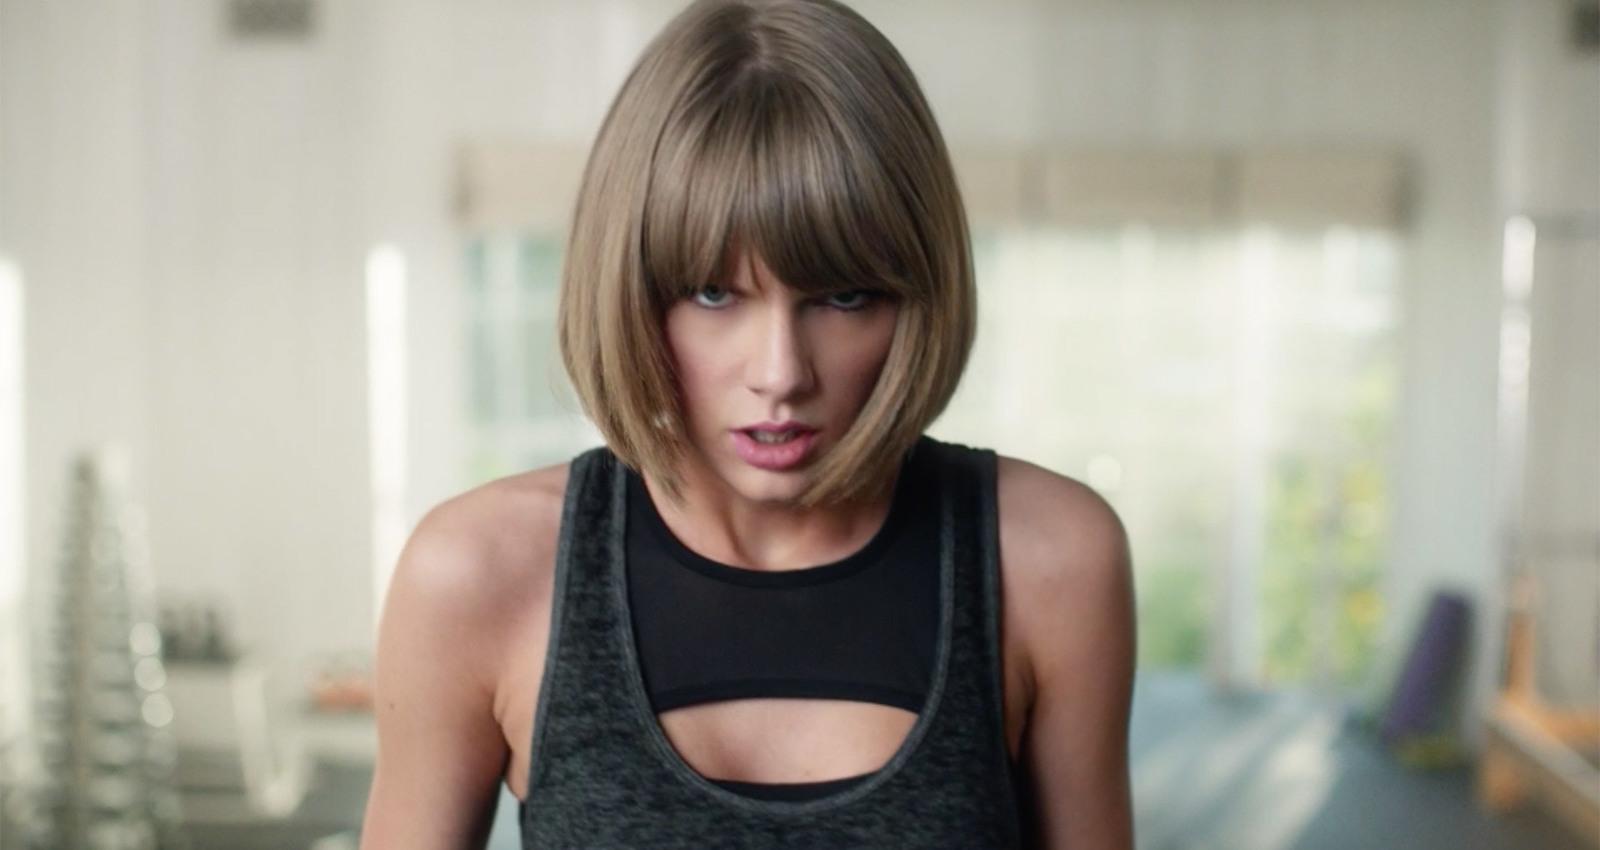 Taylor vs treadmill